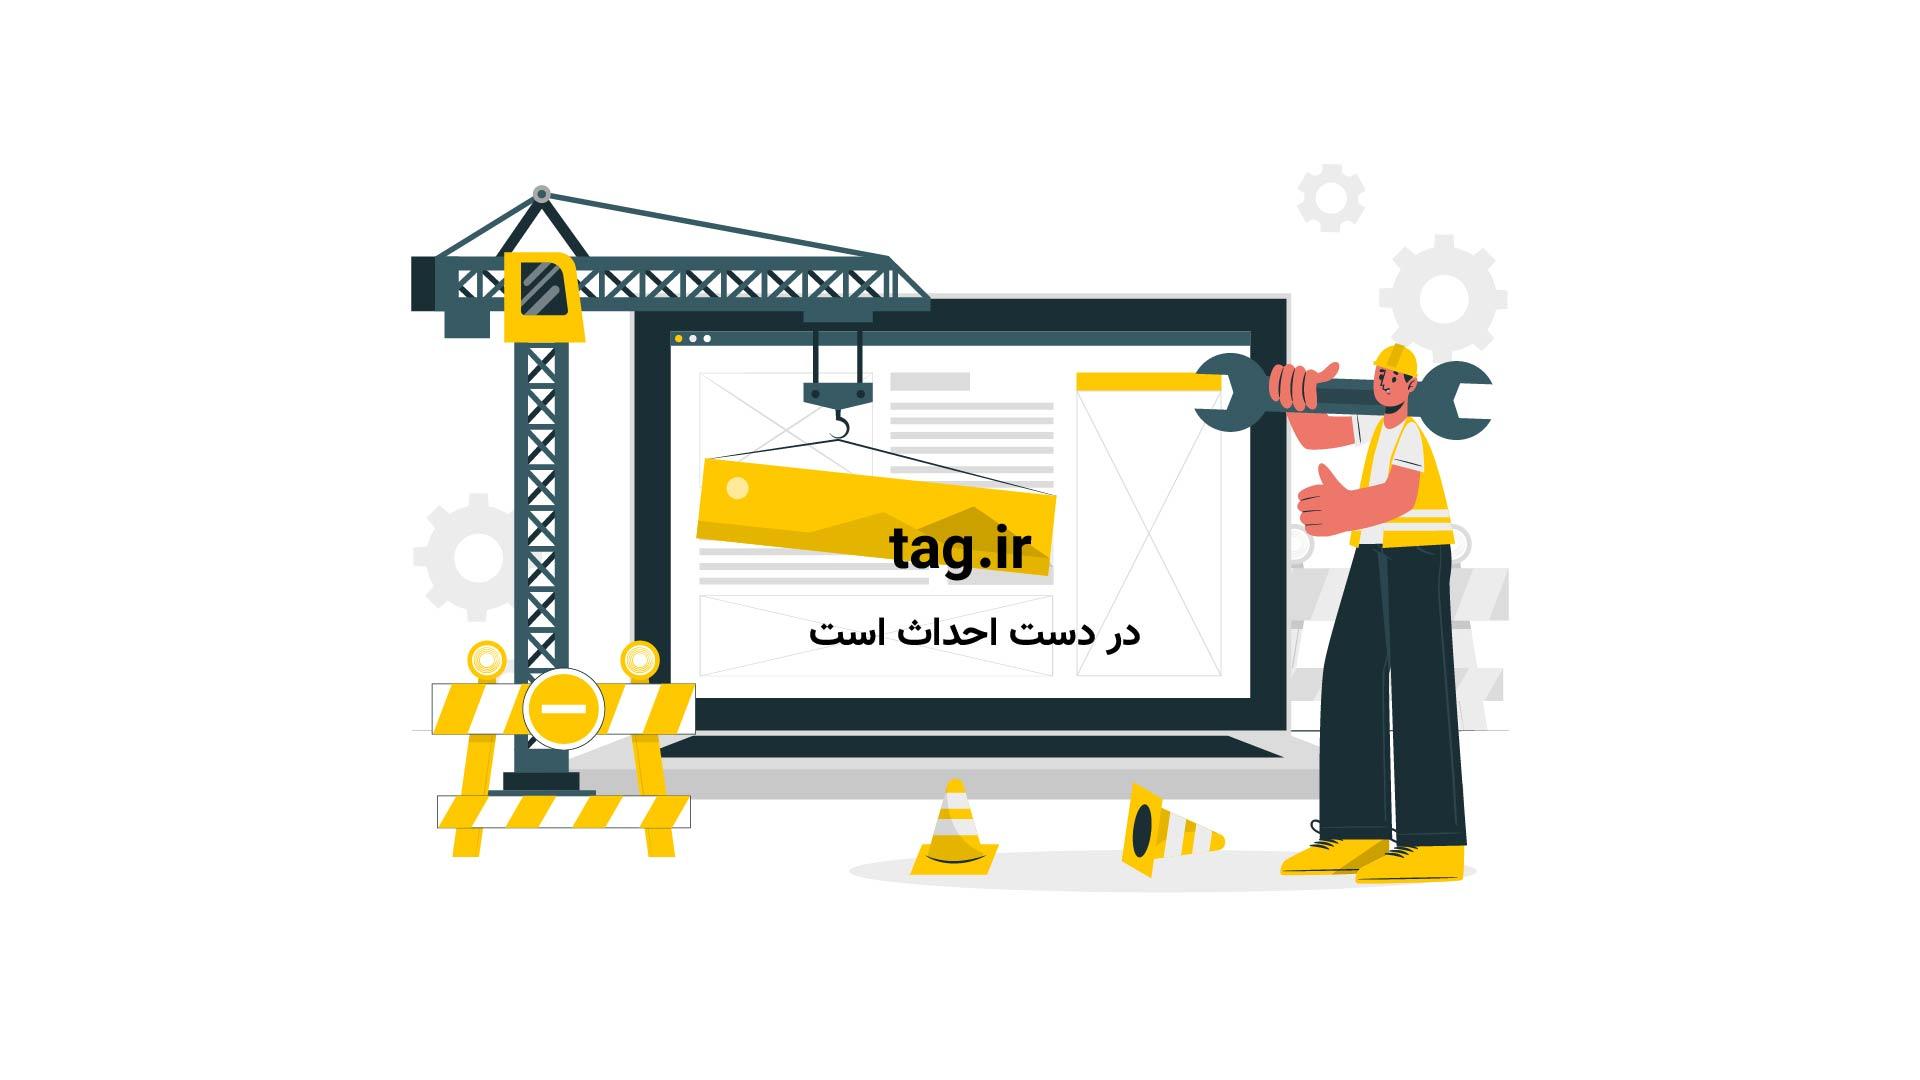 آموزش درست کردن گاو با هنر اوریگامی |فیلم